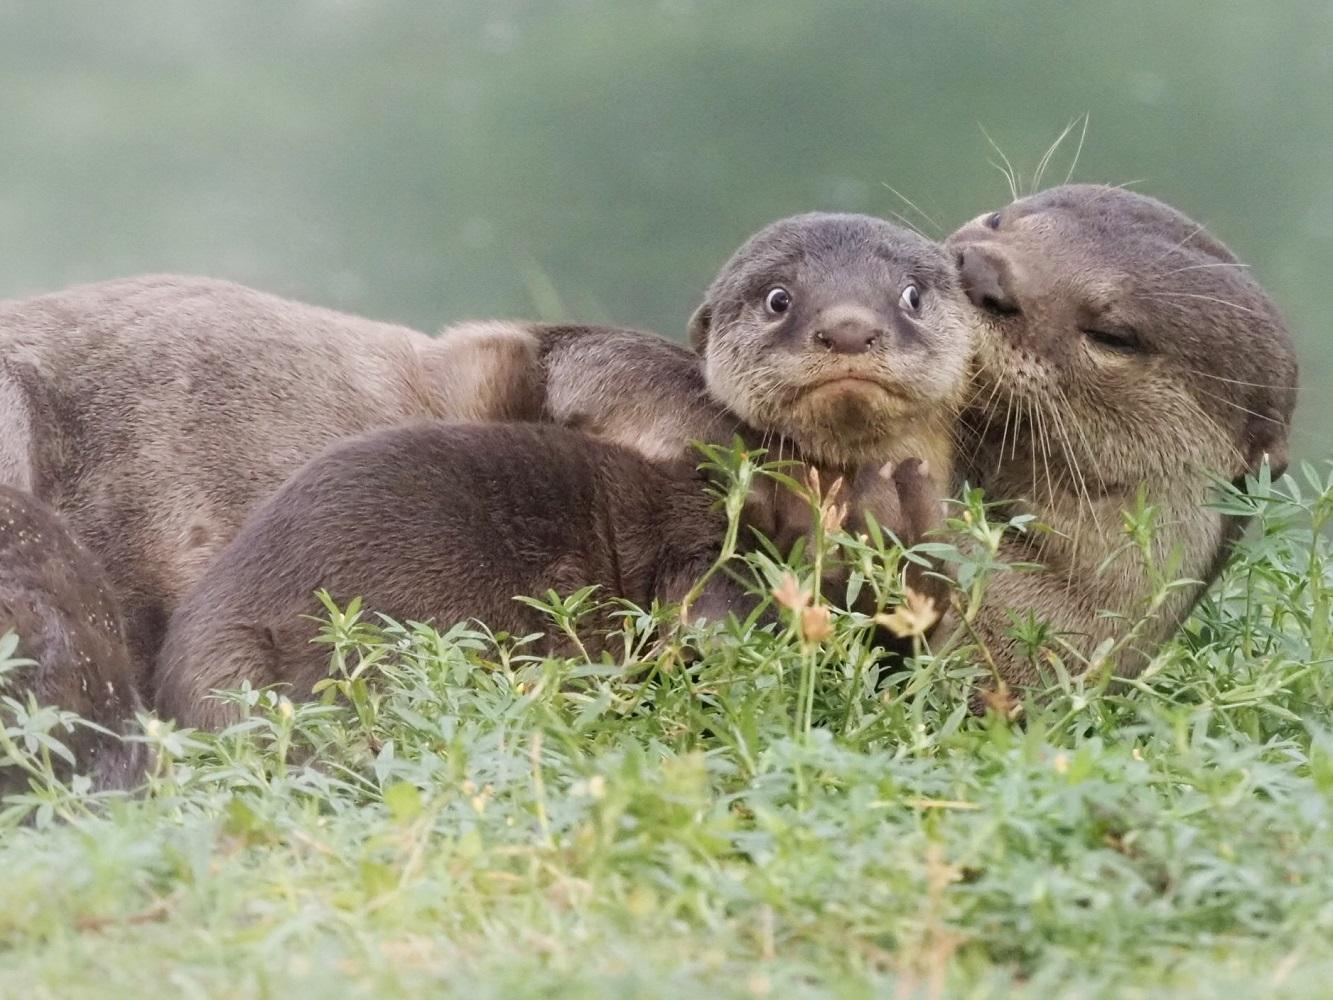 'Hey lil' mama lemme whisper in yout ear'. Fotografija Maxa Tea snimljena u Singapuru.